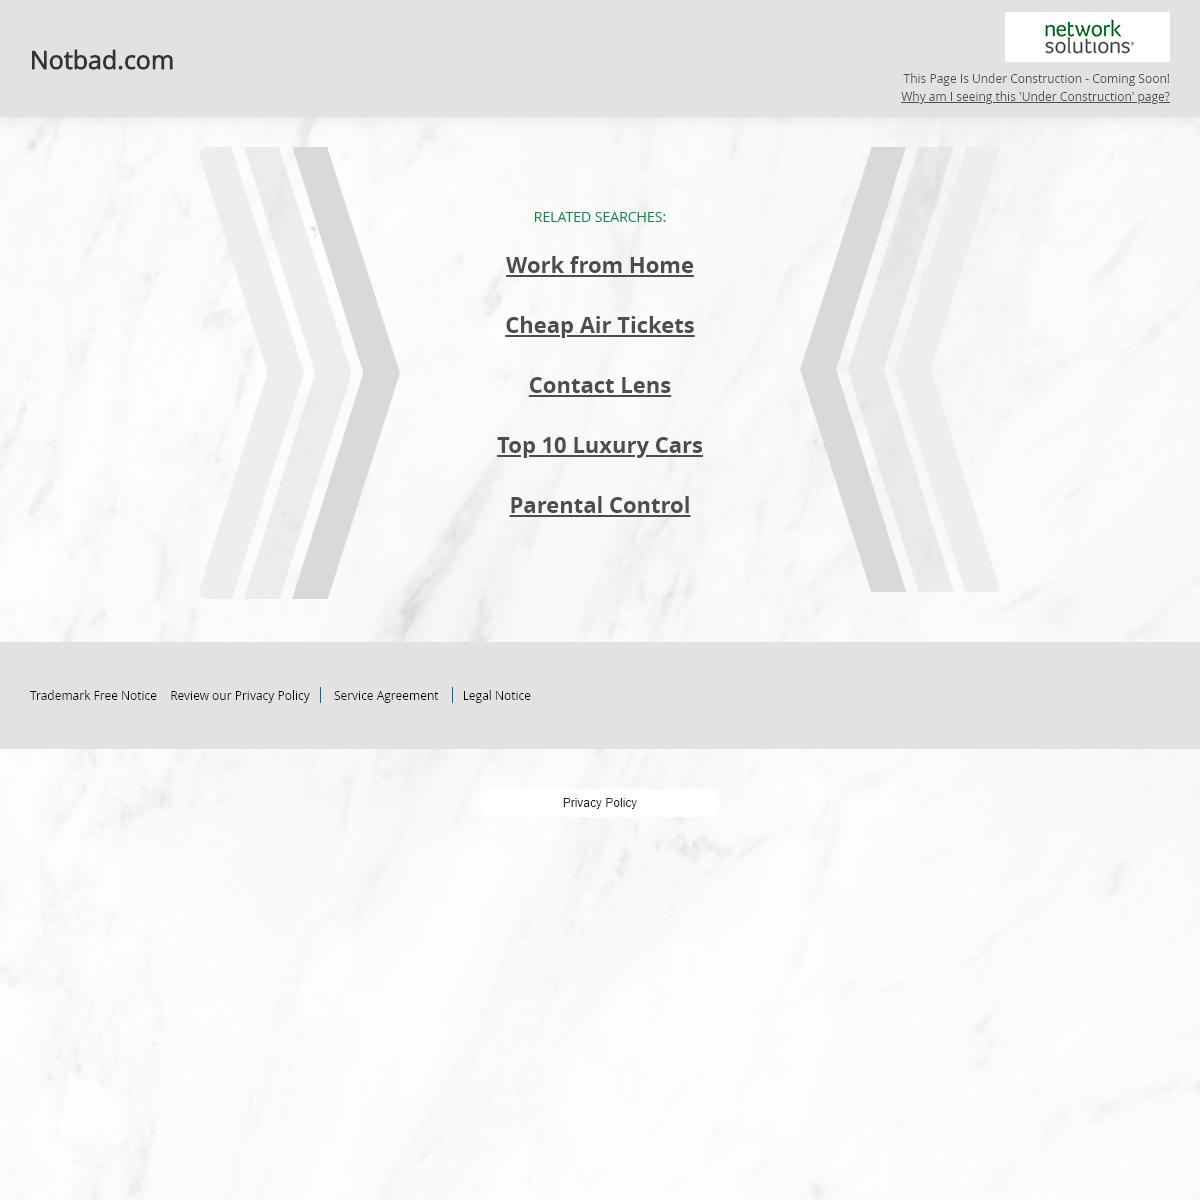 Notbad.com